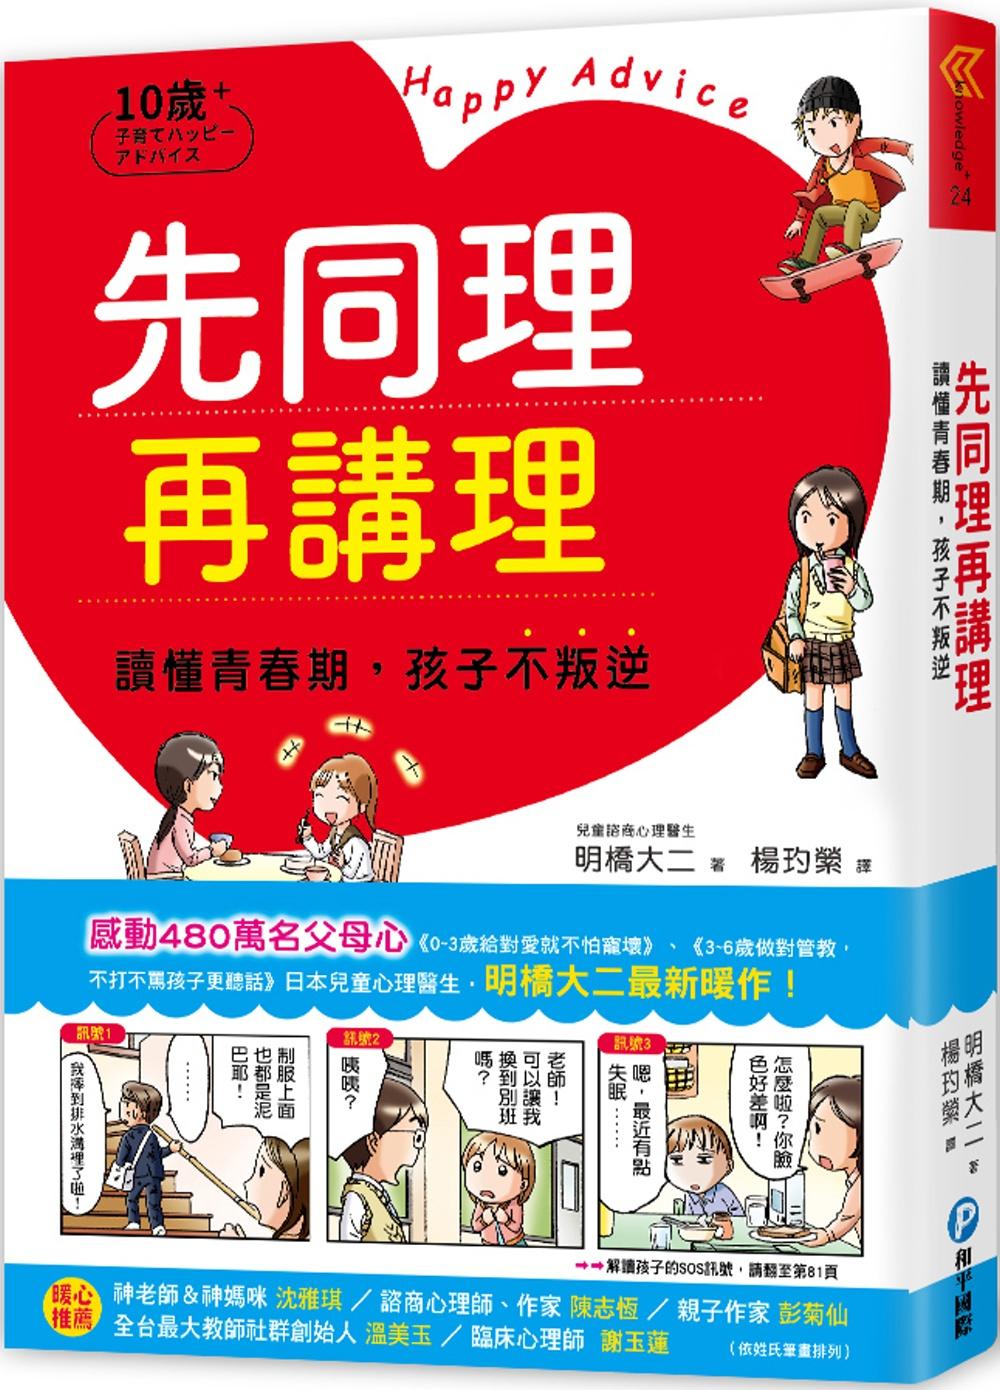 先同理再講理,讀懂青春期,孩子不叛逆:日本權威心理醫師的肯定觀察法,察覺逆反訊號,陪伴孩子度過情緒波動期,打造有愛有溫度的親子關係